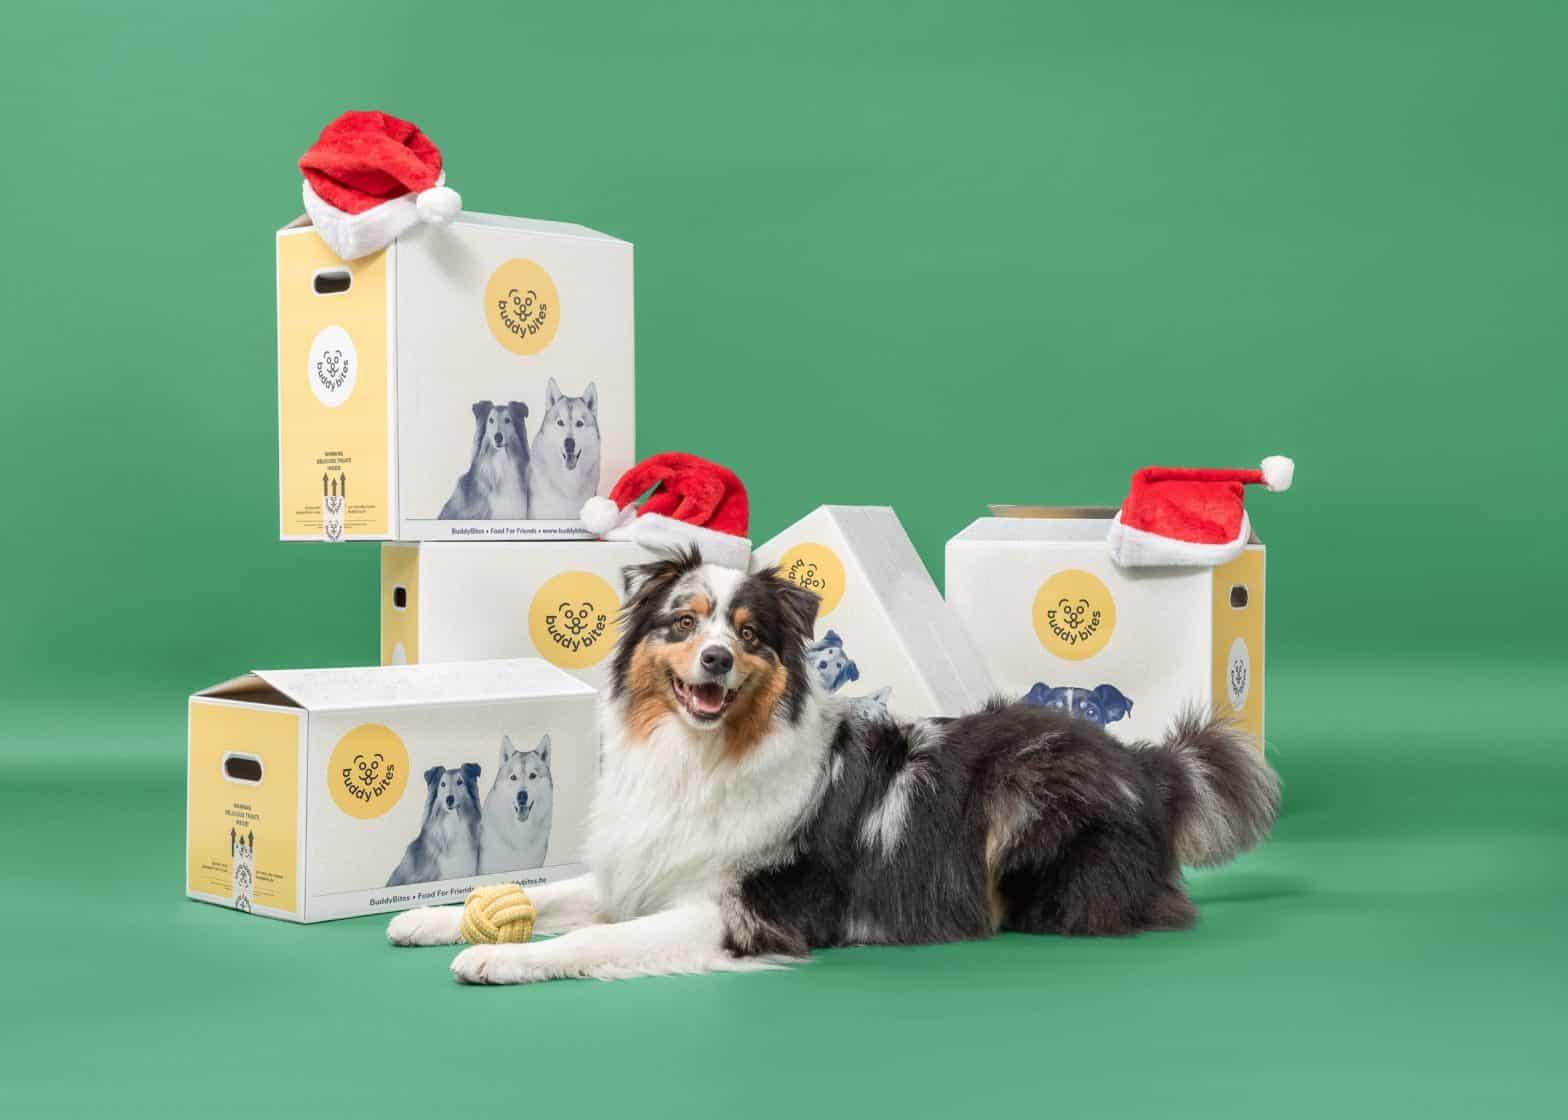 Kerstmis bij BuddyBItes. Hond is gelukkig met zijn kerstgeschenk van BuddyBites.